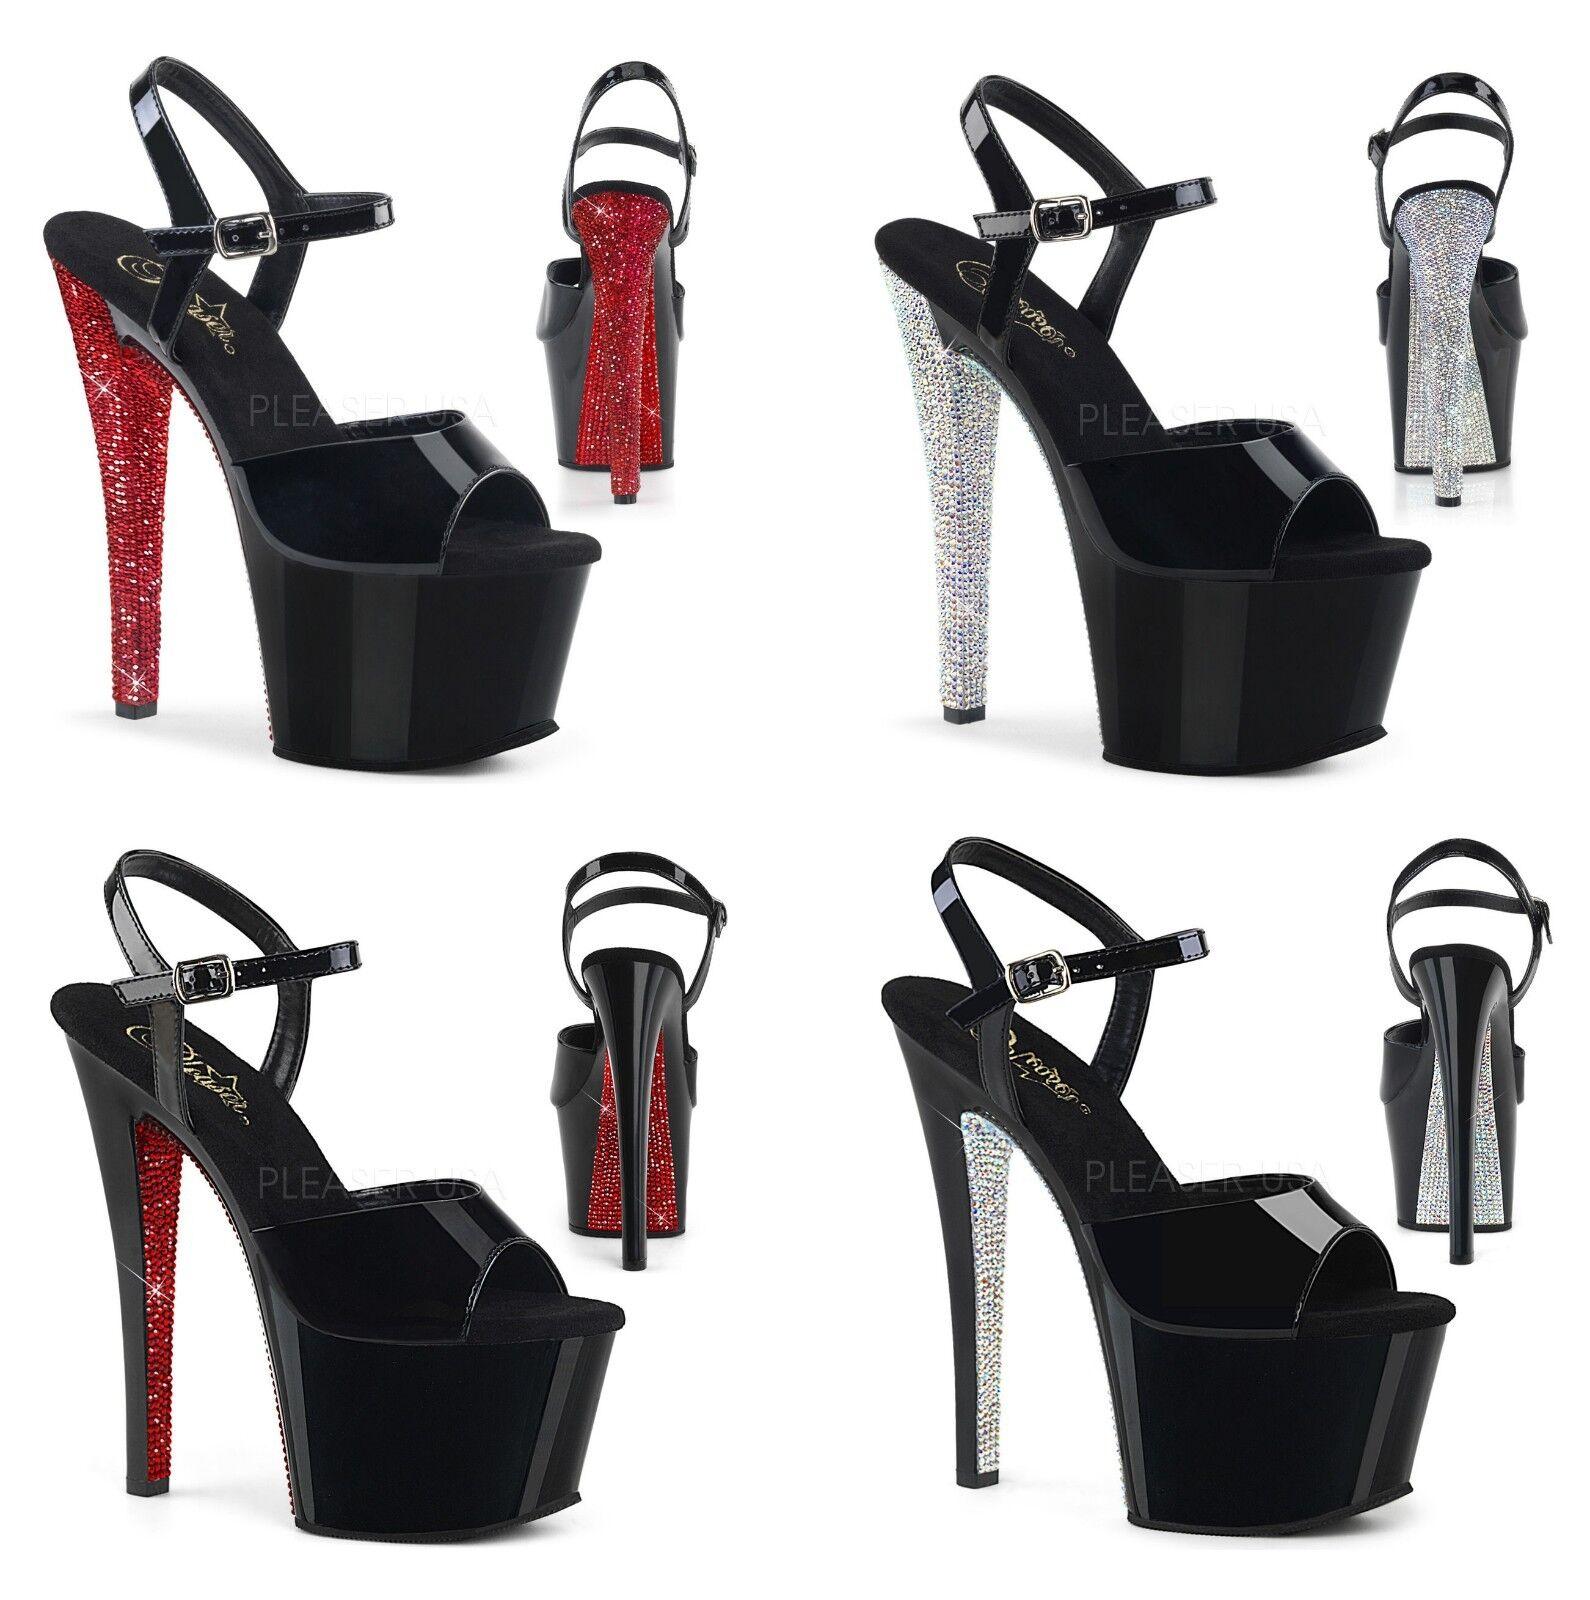 Pleaser SKY-309CRS SKY-309CHRS Exotic Dancing Platform Ankle Strap Strap Strap Sandal 3cc801